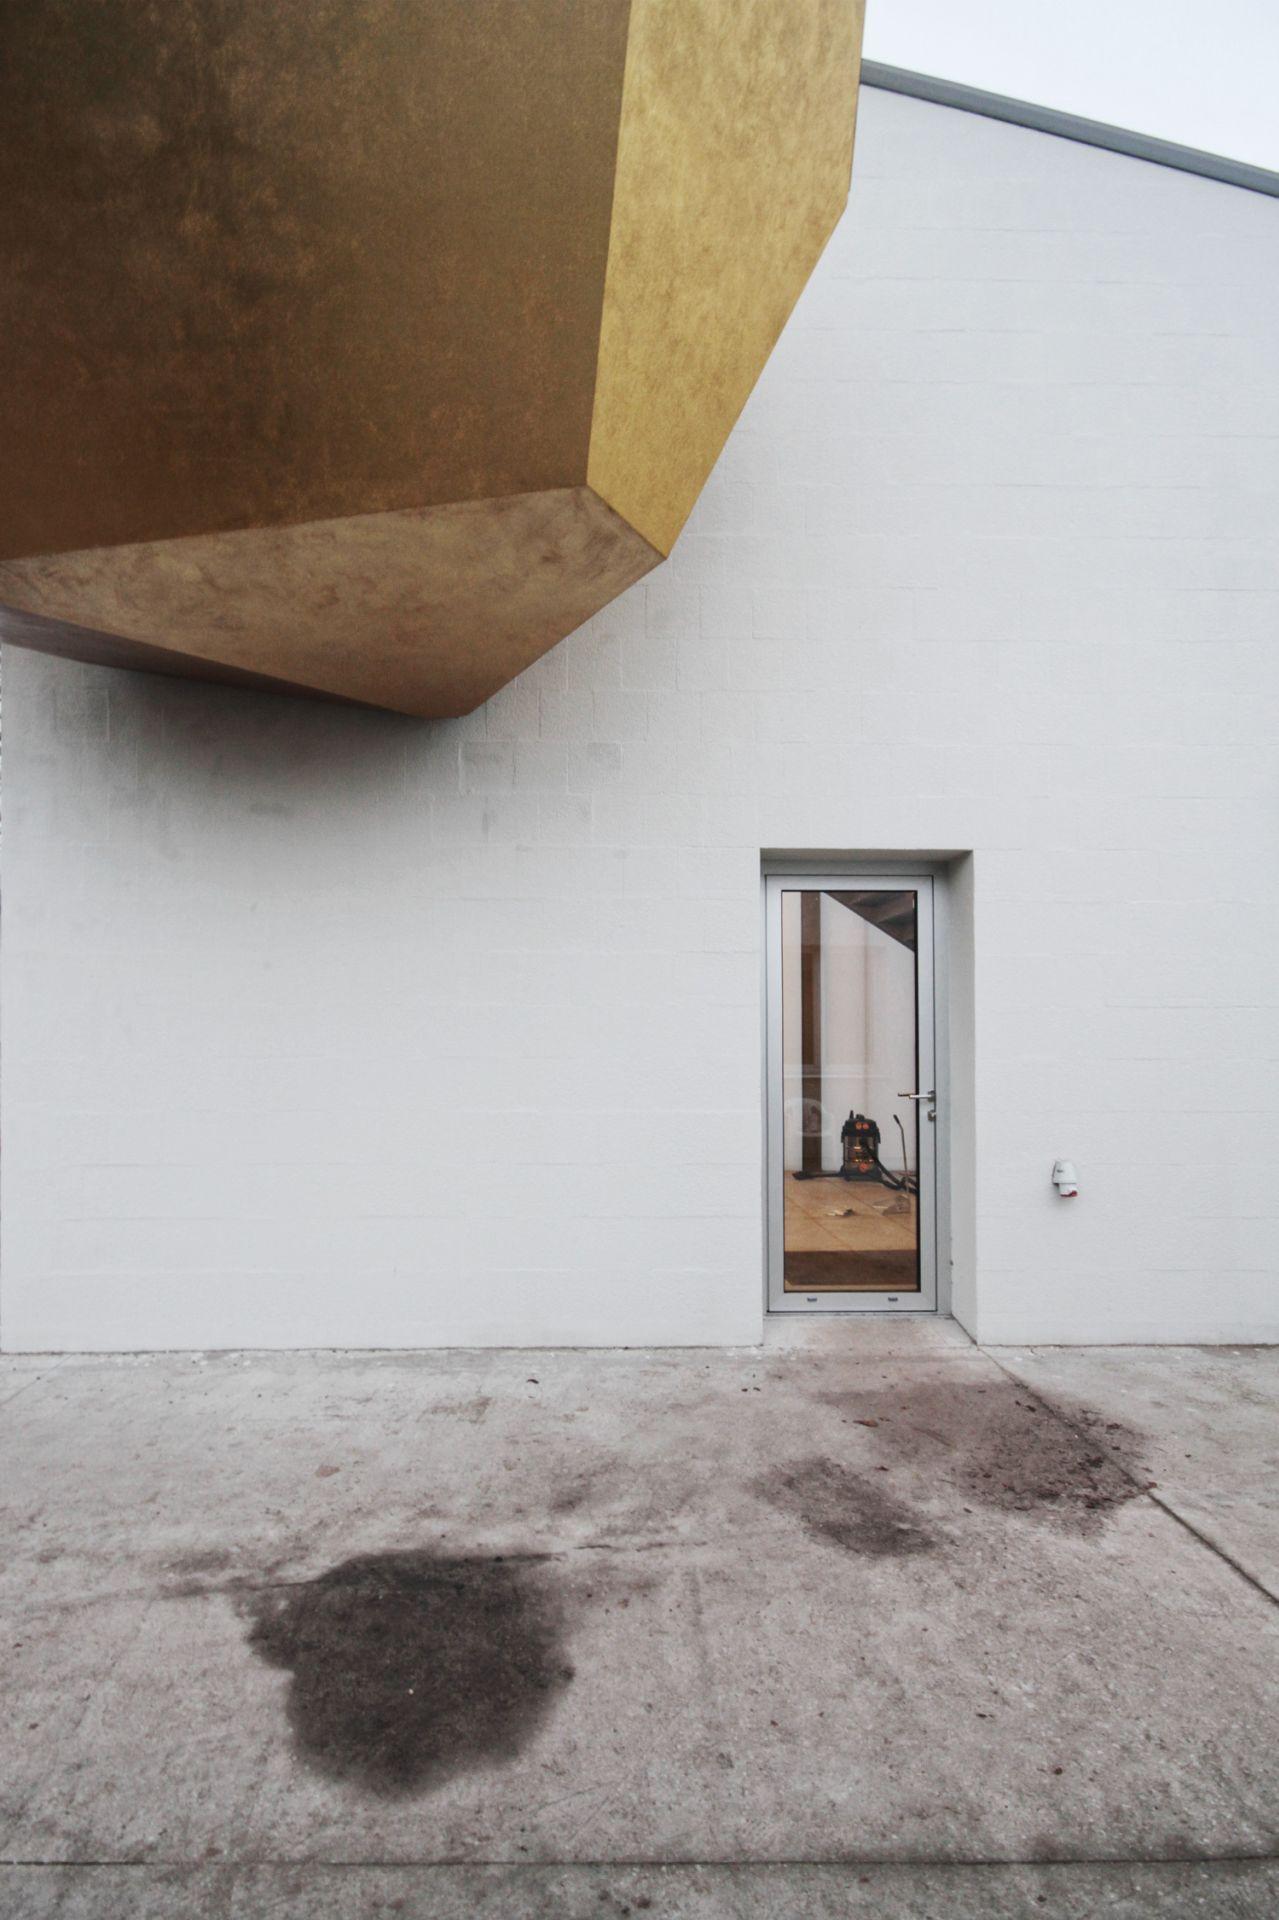 Pracownia architektoniczna specjalizująca się w rewitalizacji i przestrzeniach związanych ze sztuką.